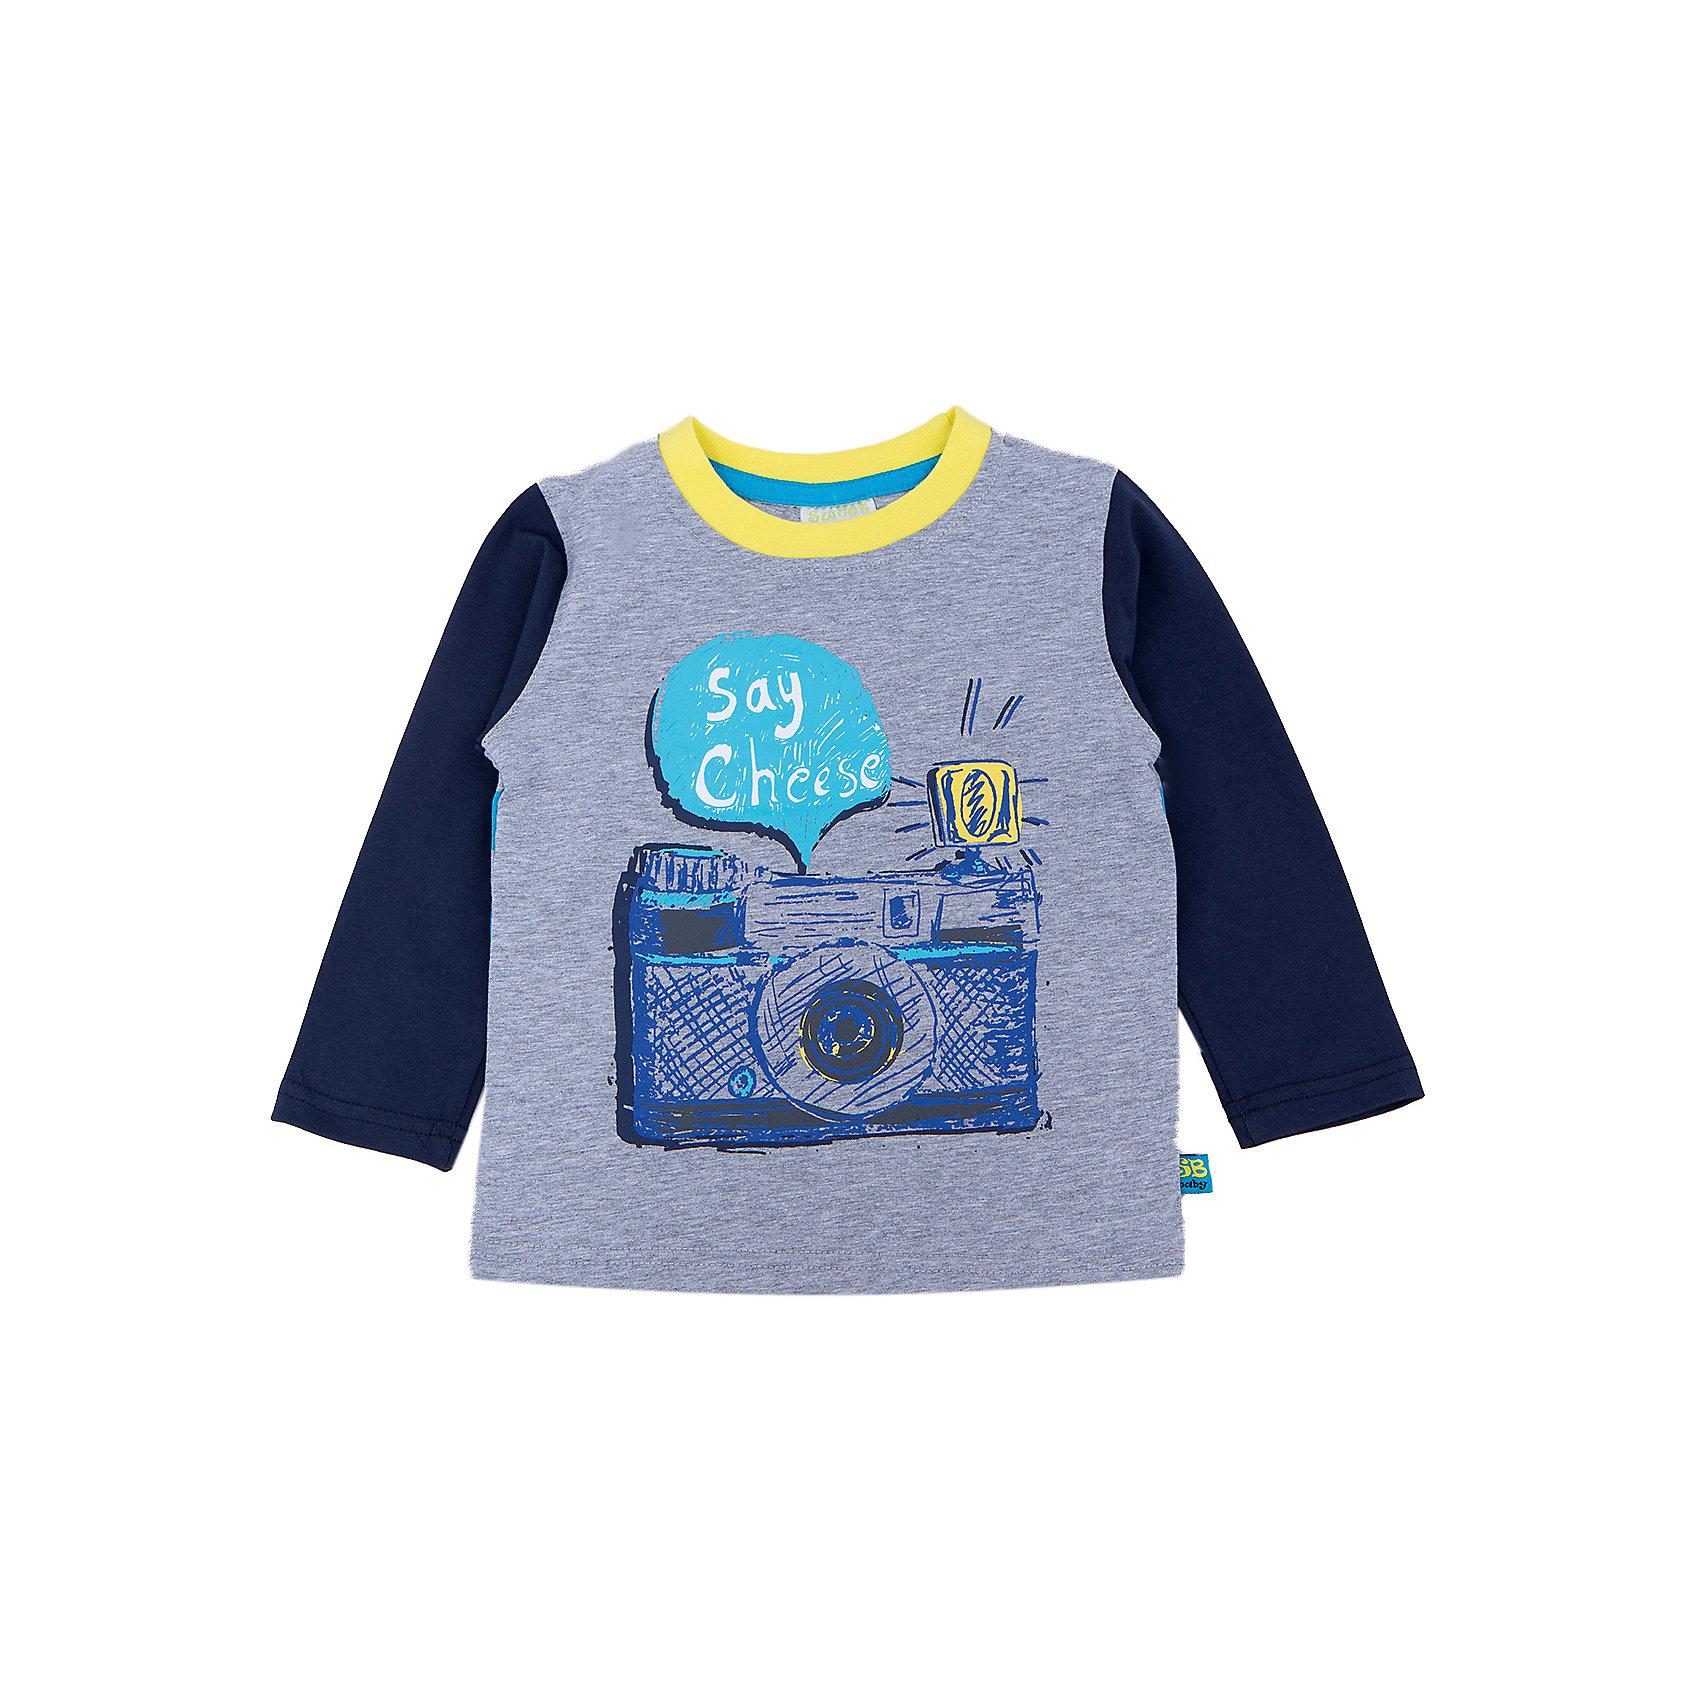 Футболка с длинным рукавом для мальчика Sweet BerryЯркая  и стильная футболка с длинным рукавом для мальчиков торговой марки Sweet Berry . Горловина модели выполнена  из эластичной трикотажной резинки контрастного цвета. Рукава - из контрастного трикотажа.  Футболка украшена модным принтом и имеет насыщенную расцветку. Такая стильная футболка торговой марки Sweet Berry будет прекрасным дополнением к гардеробу Вашего ребенка.<br><br> Дополнительная информация:<br><br>- комплектация: лонгслив<br>- материал: 95% хлопок 5% эластан<br>- коллекция: осень-зима 2016<br>- сезон: зима<br>- пол: для мальчиков<br>- возраст: детский<br>- цвет: серый. <br>- размер упаковки (дхшхв), 20 * 15 * 1 см<br>- вес в упаковке, 90 г<br><br>Футболку с  длинным рукавом  для мальчика торговой марки Sweet Berry можно купить в нашем интернет-магазине<br><br>Ширина мм: 230<br>Глубина мм: 40<br>Высота мм: 220<br>Вес г: 250<br>Цвет: серый<br>Возраст от месяцев: 12<br>Возраст до месяцев: 15<br>Пол: Мужской<br>Возраст: Детский<br>Размер: 80,98,86,92<br>SKU: 4929772